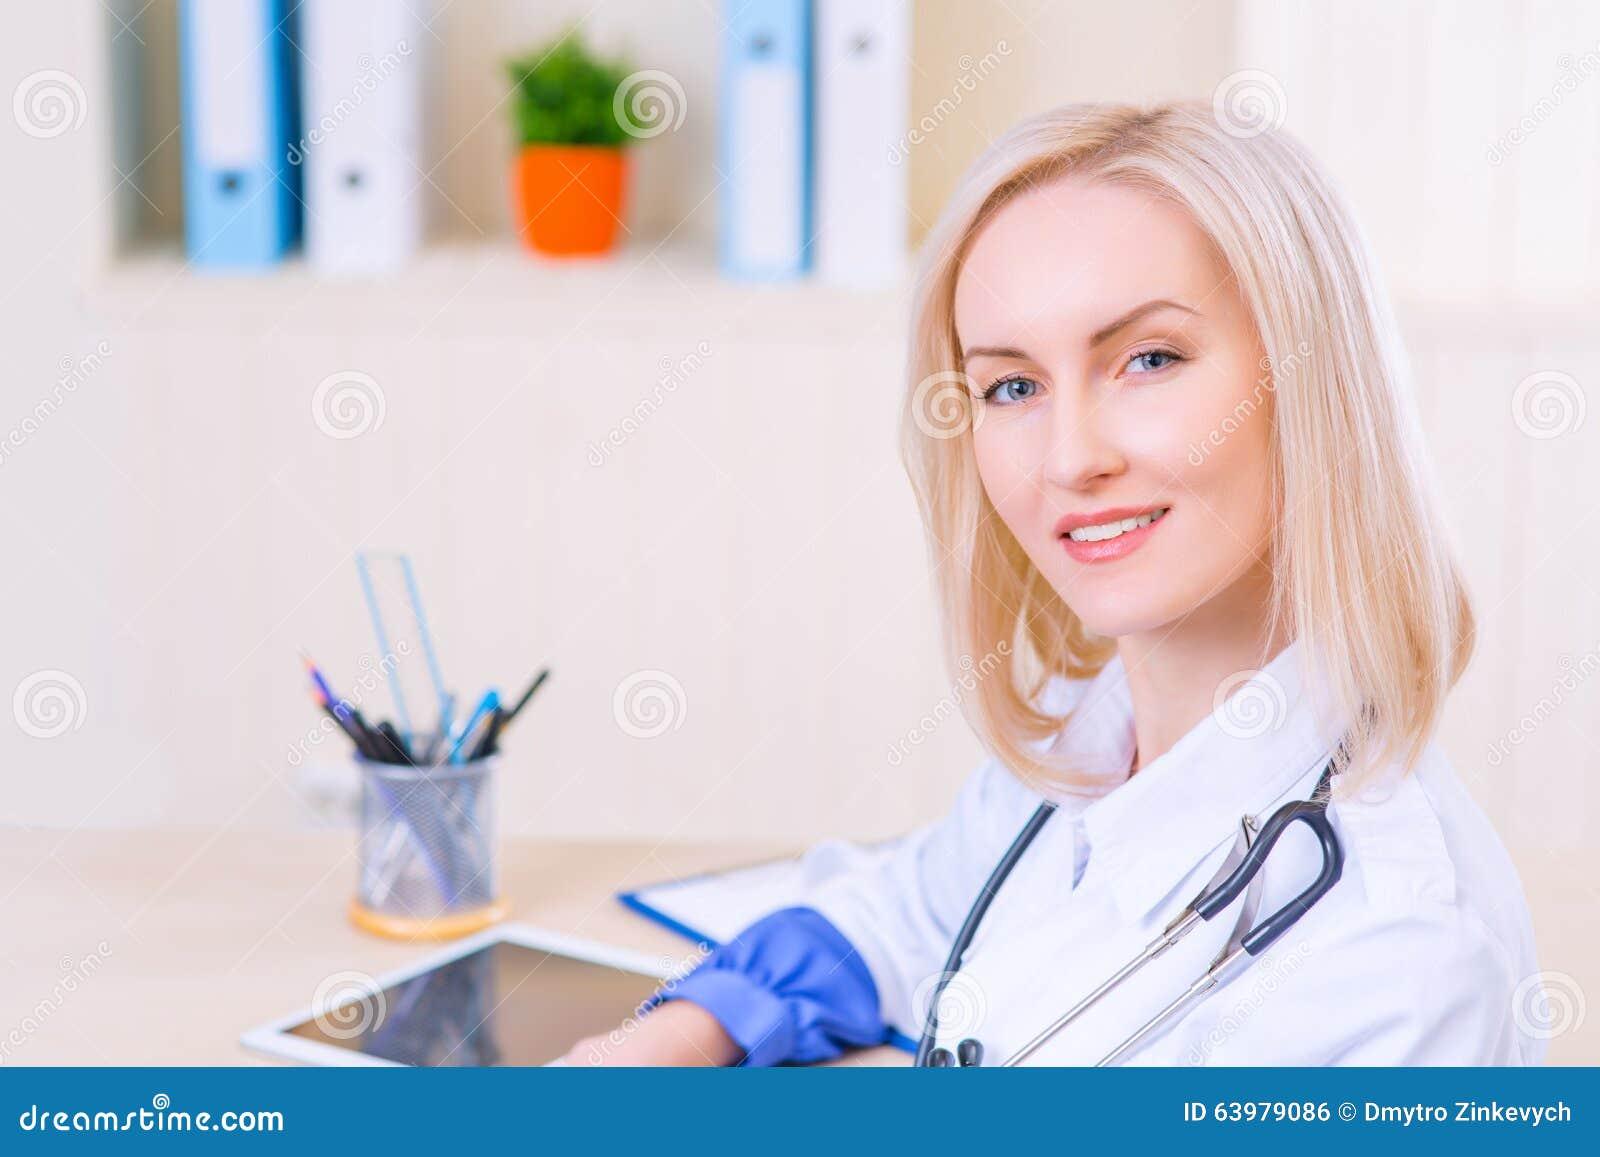 trabajo de enfermera practicante adulta